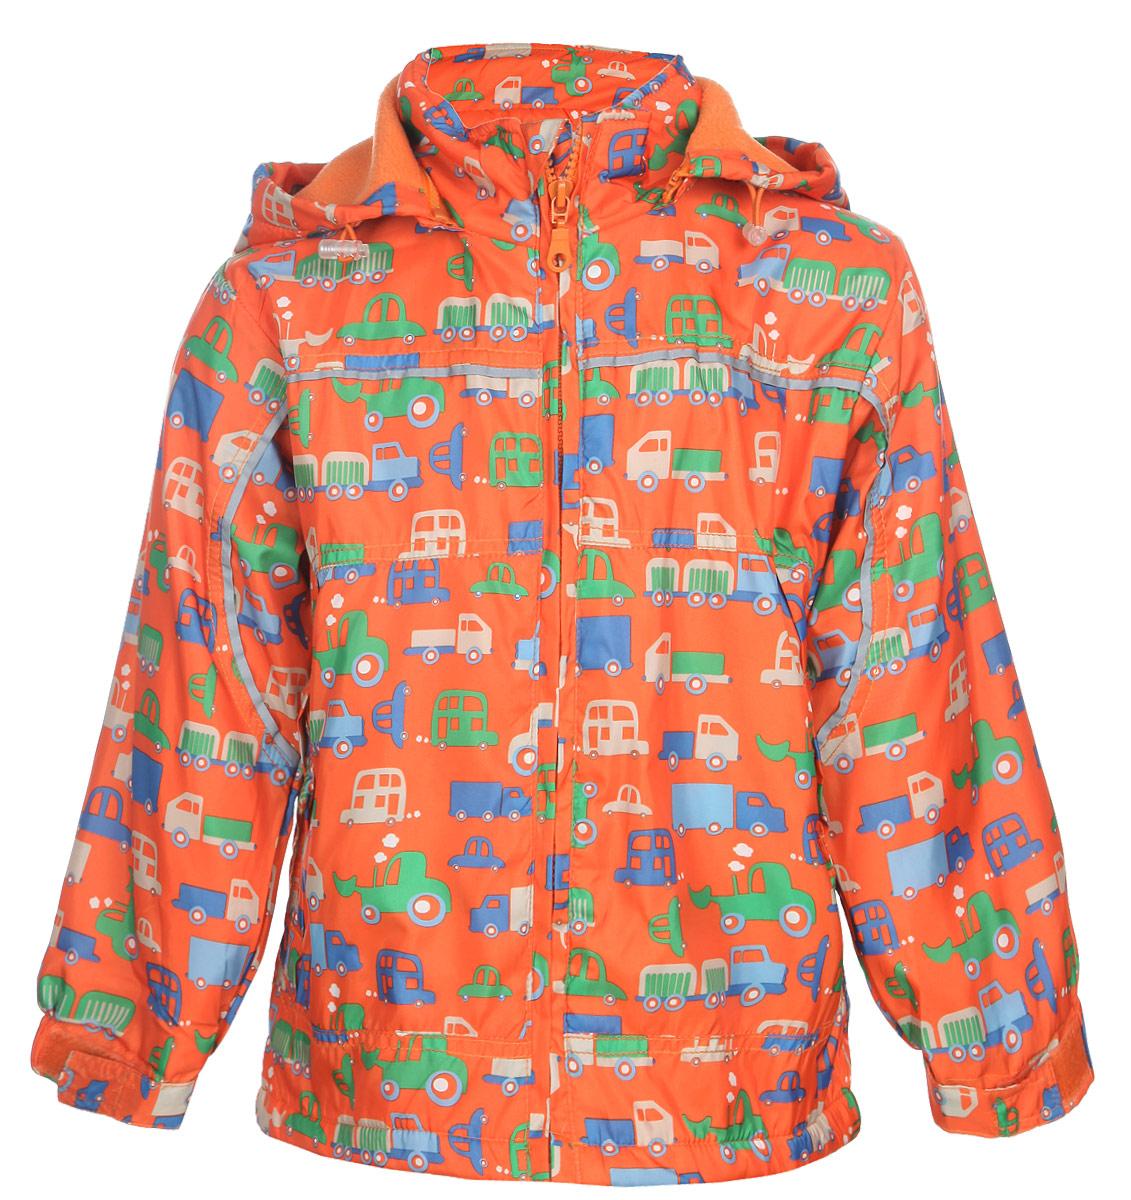 111525R-13Яркая куртка для мальчика M&D идеально подойдет для ребенка в прохладное время года. Она выполнена из полиэстера и дополнена мягкой и теплой флисовой подкладкой. Куртка с воротником-стойкой застегивается на удобную застежку-молнию. Съемный капюшон фиксируется при помощи молнии, его объем регулируется при помощи эластичного шнурка со стопперами. Рукава оснащены широкими эластичными резинками, не стягивающими запястья, и хлястиками на липучках. Низ модели дополнен скрытым эластичным шнурком со стопперами. По бокам курточка дополнена двумя втачными кармашками на застежках-молниях. Изделие оформлено красочным принтом с изображением автомобилей и дополнена светоотражающими полосками. В такой куртке ваш маленький мужчина будет чувствовать себя комфортно, уютно и всегда будет в центре внимания!